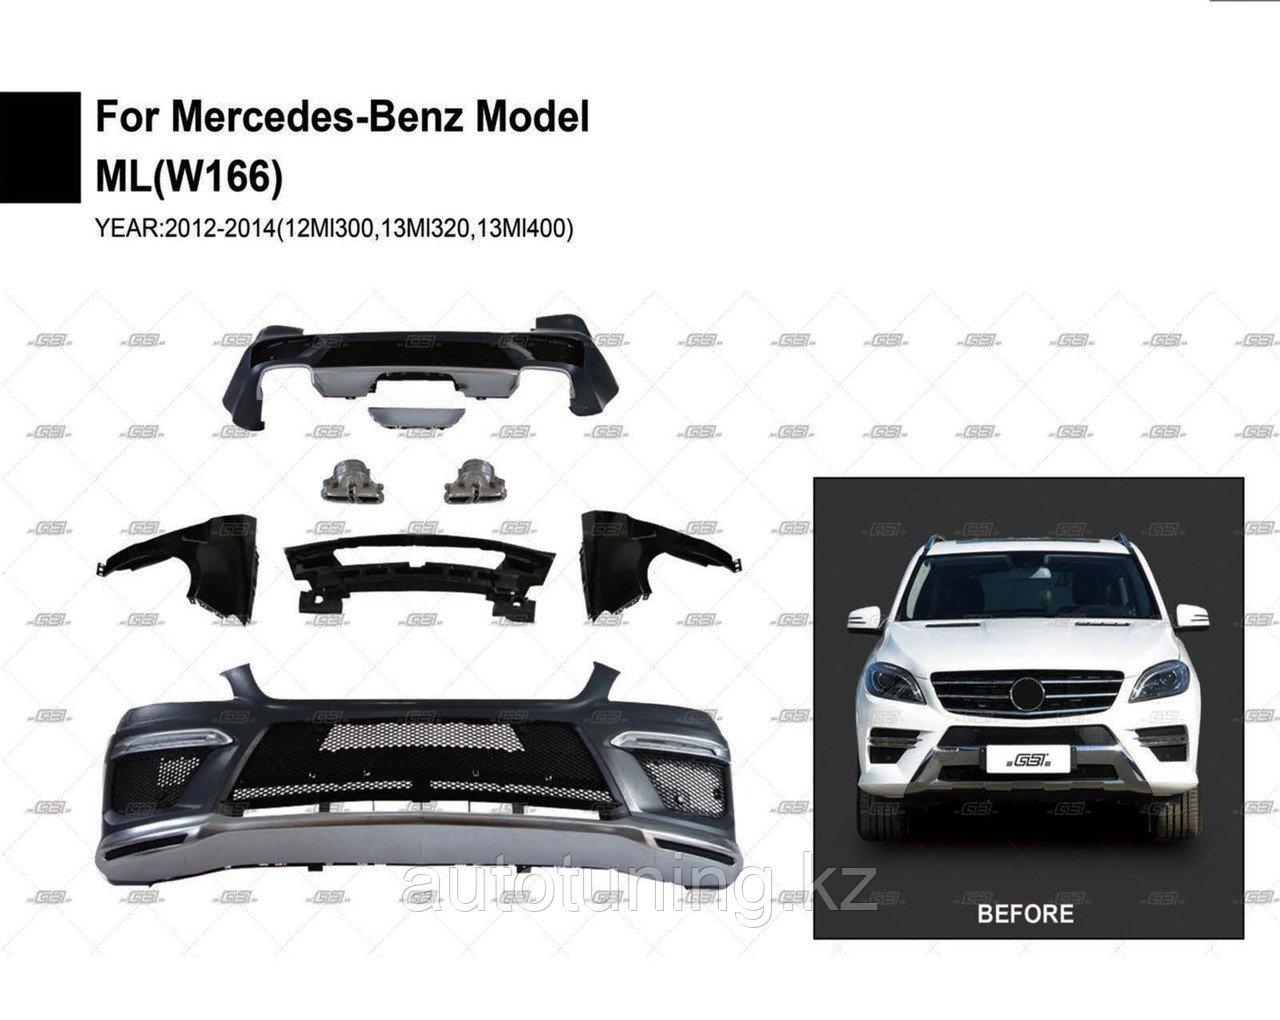 Обвес ML63 AMG на Mercedes ML W166 2012-2015